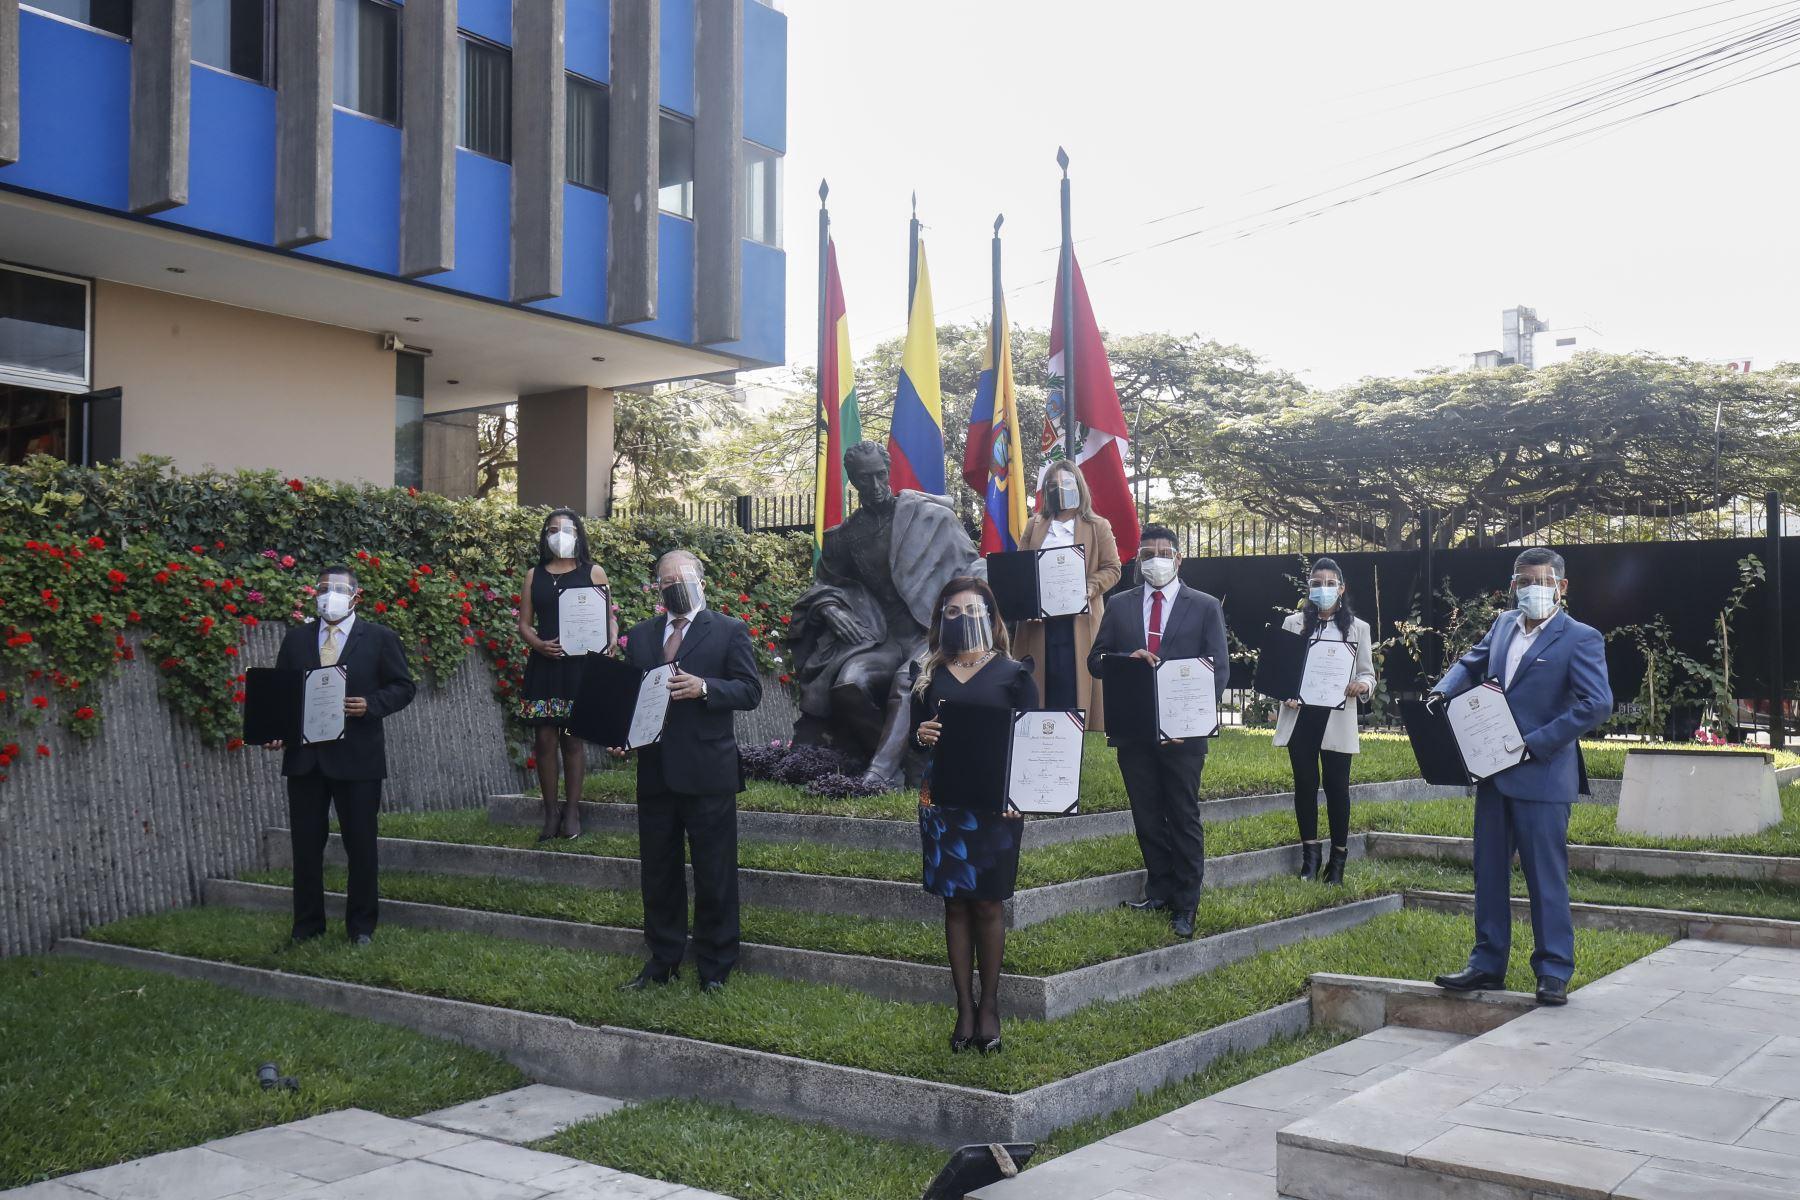 Parlamentarios andinos electos reciben sus credenciales. Foto: ANDINA/Juan Carlos Guzmán